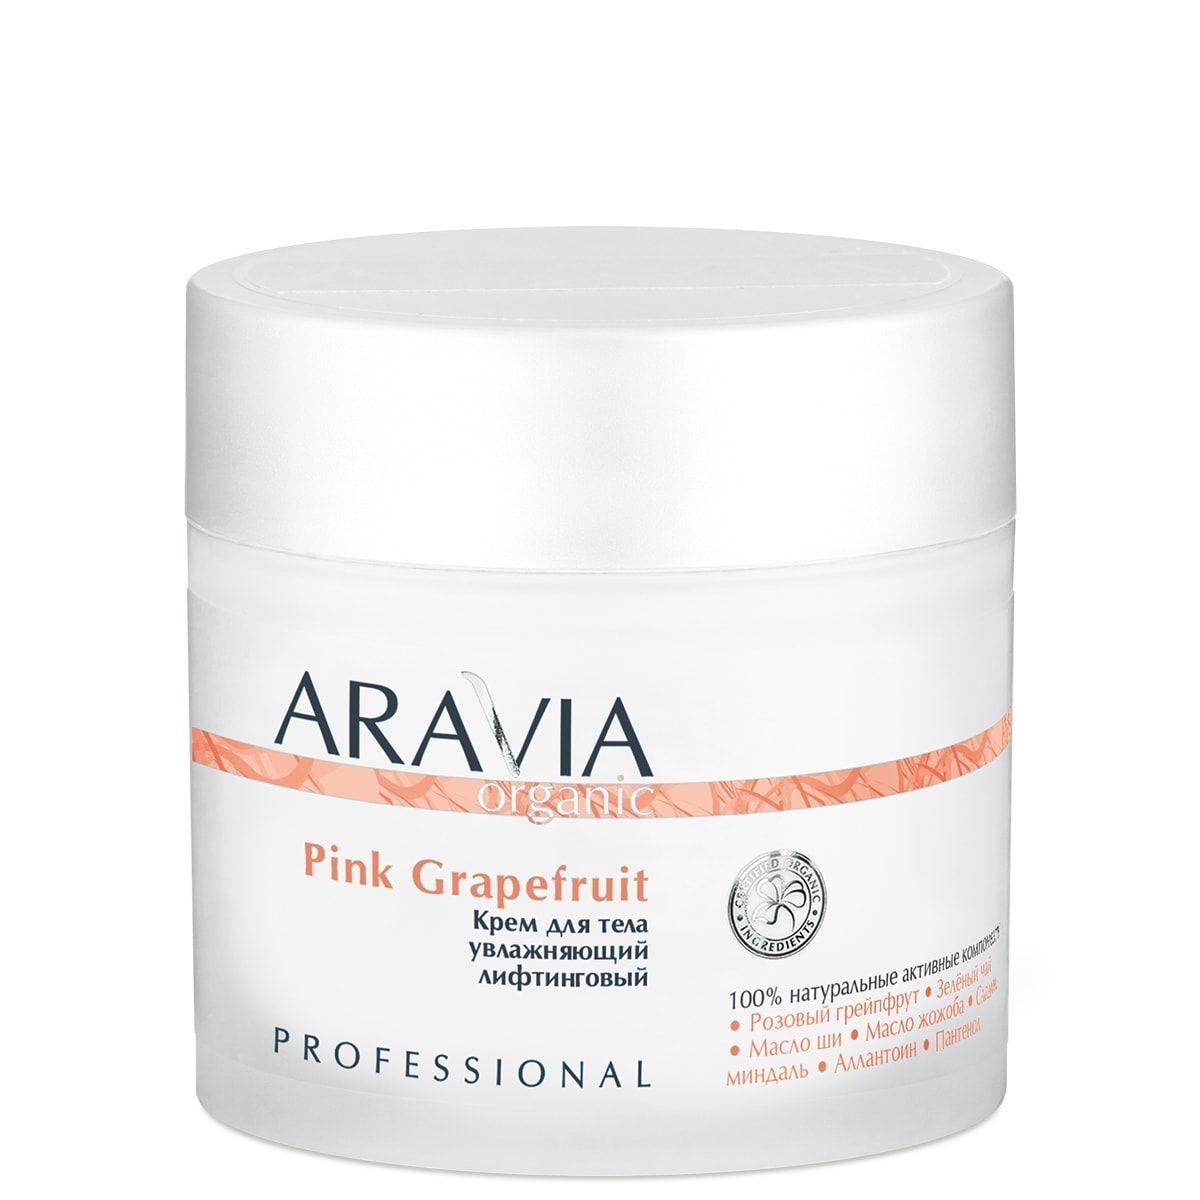 ARAVIA Organic Крем для Тела Увлажняющий Лифтинговый Pink Grapefruit, 300 мл